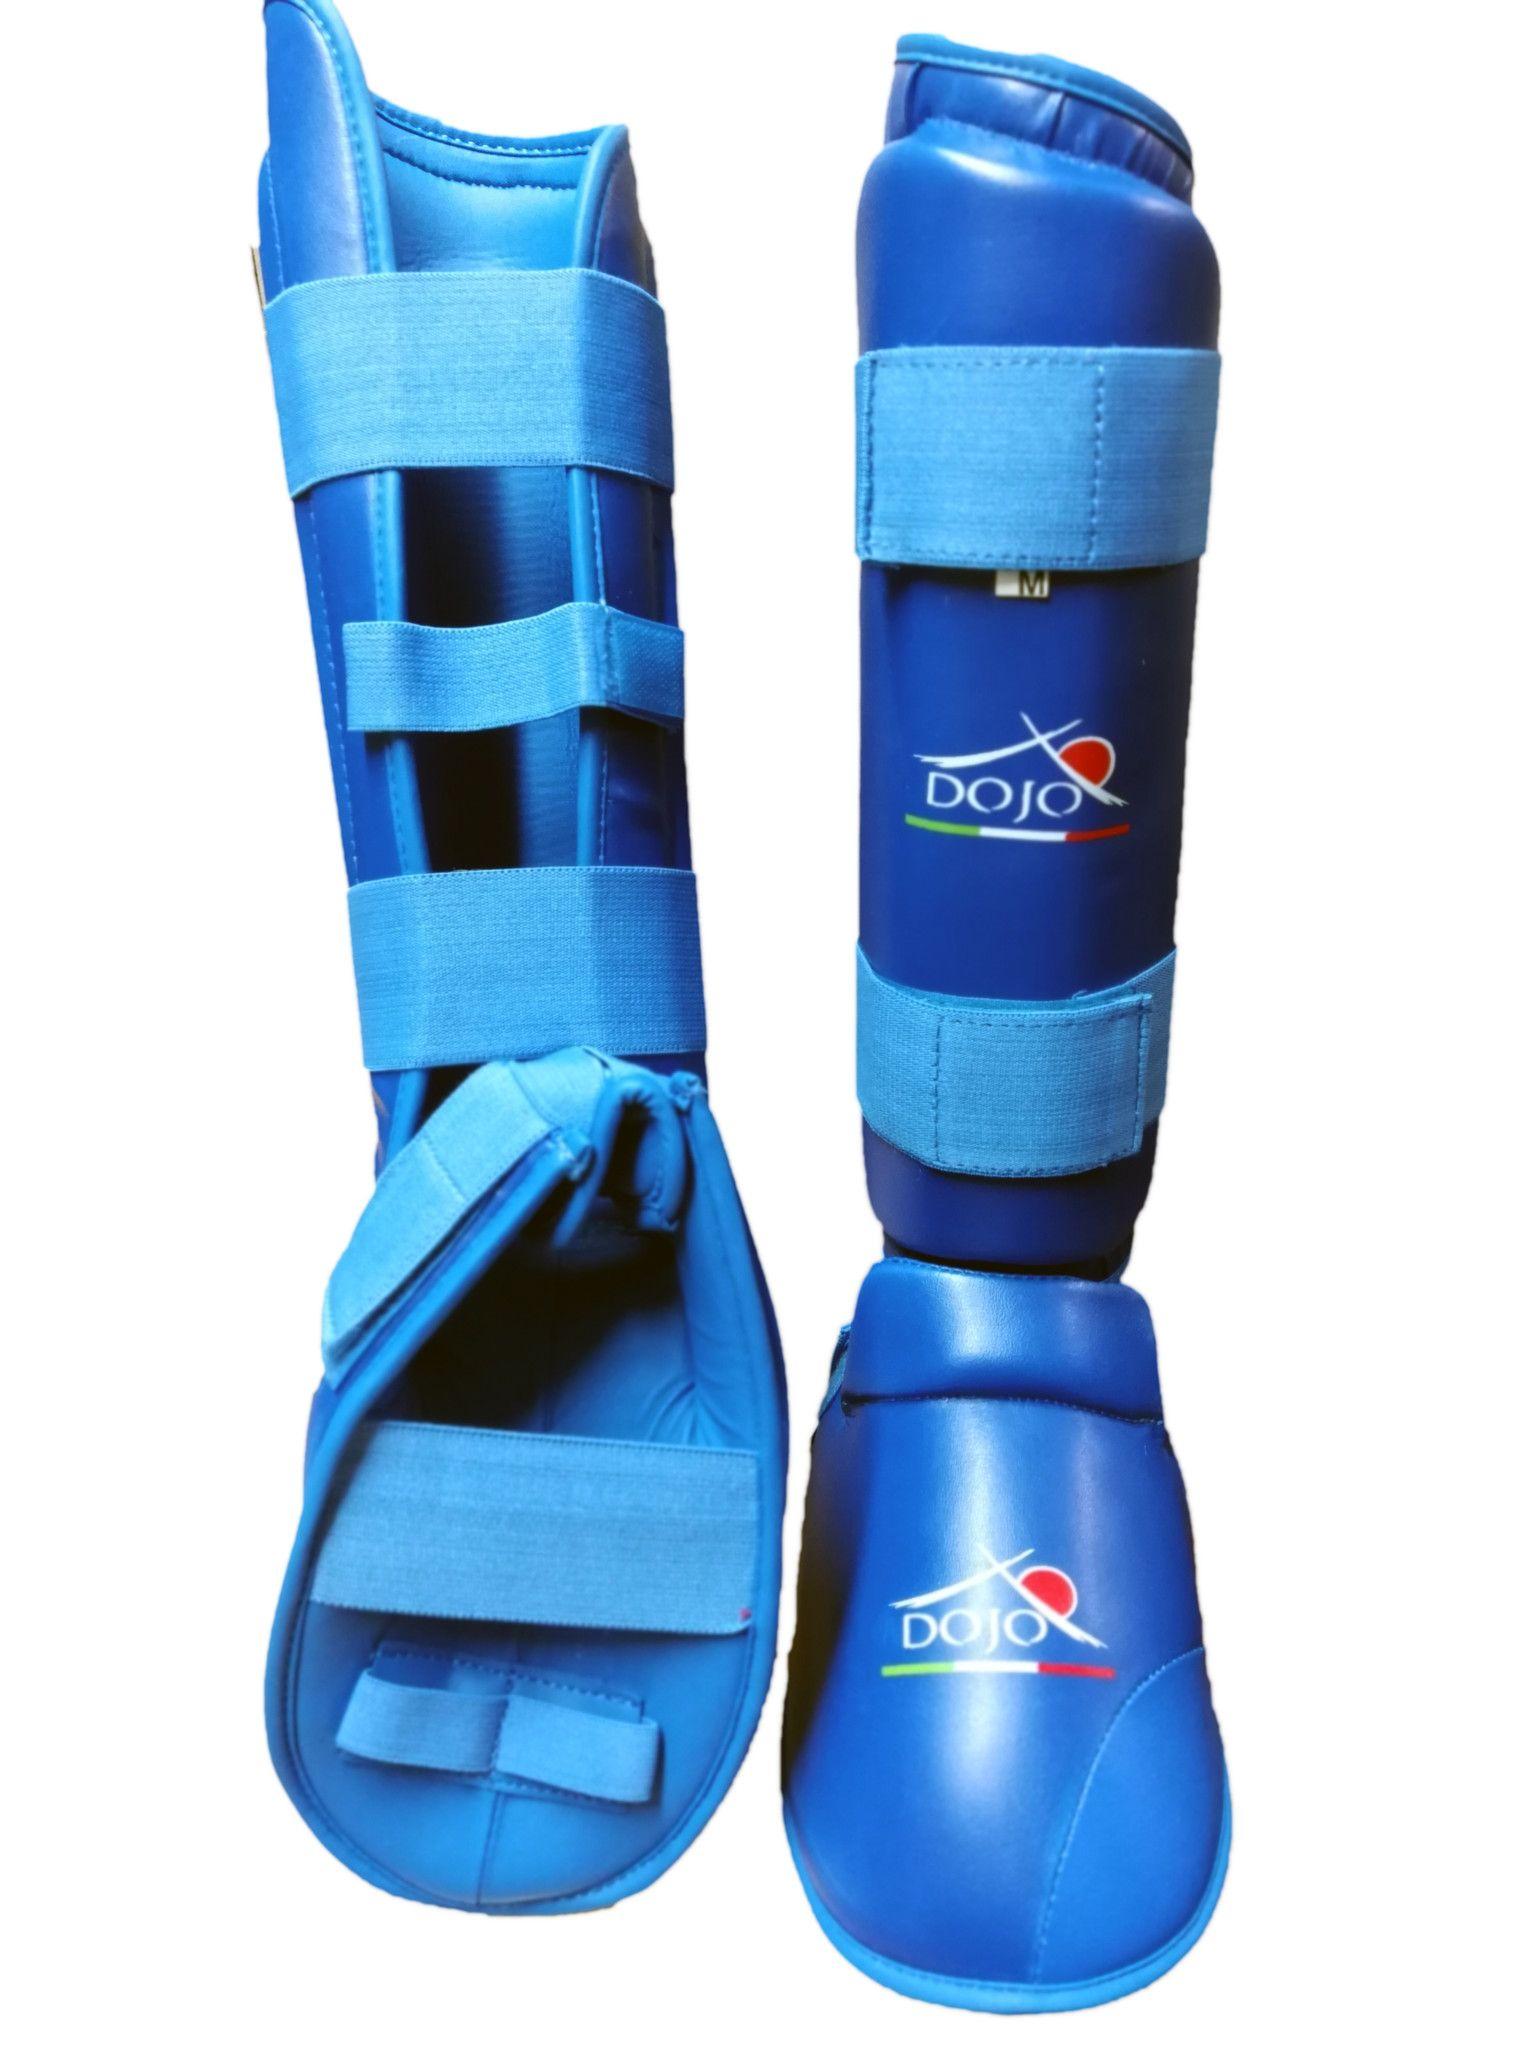 Dojo - Paratibia per Karate con piede Rossi Training